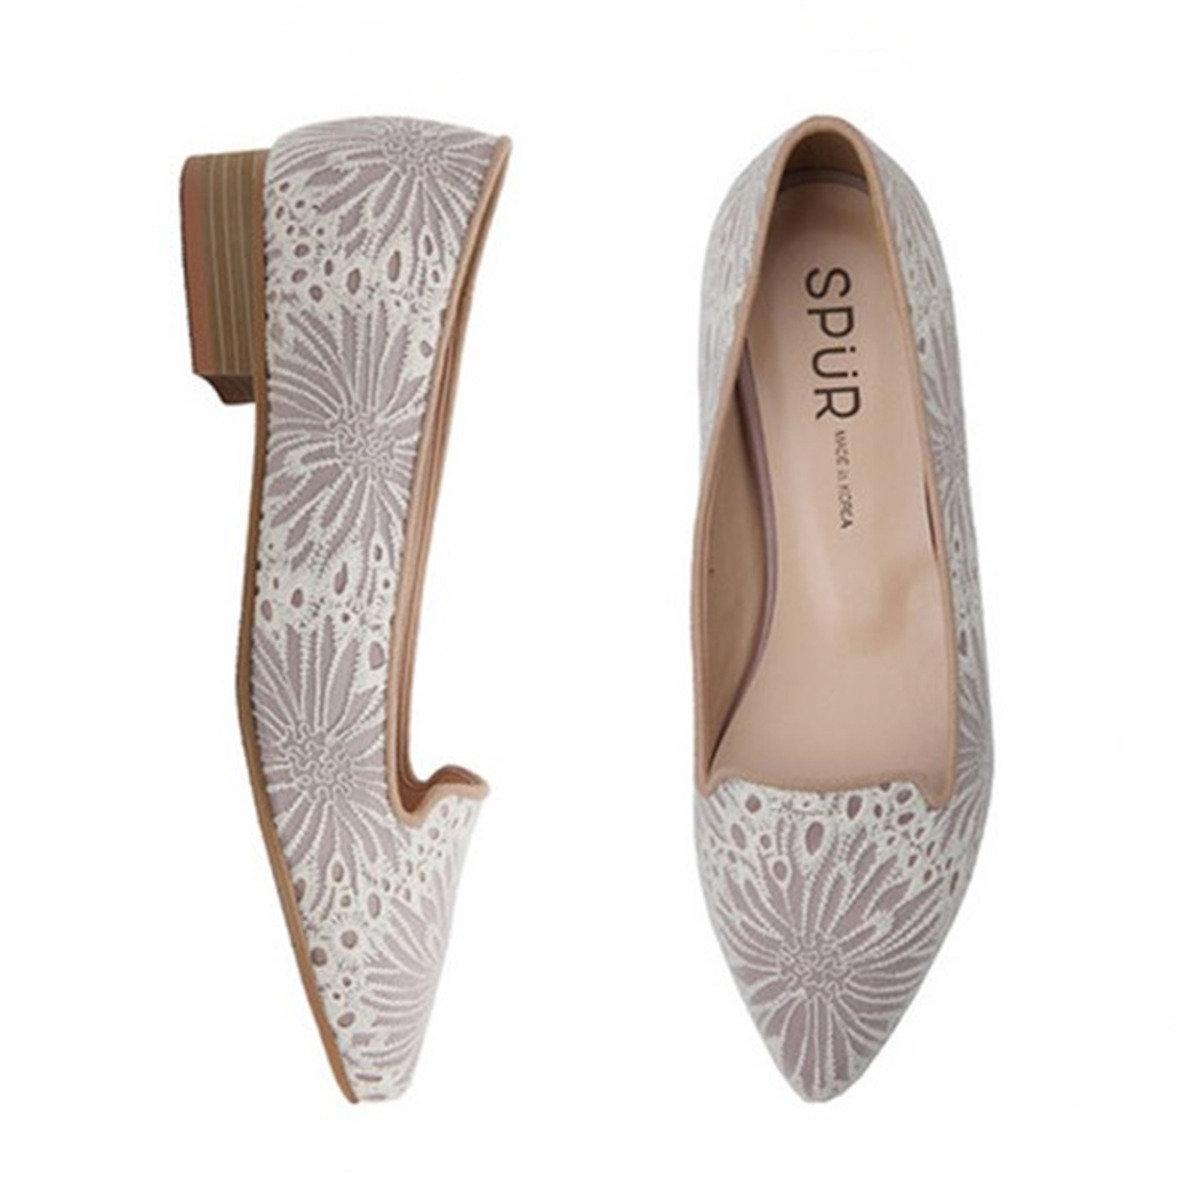 高雅蕾絲平底鞋